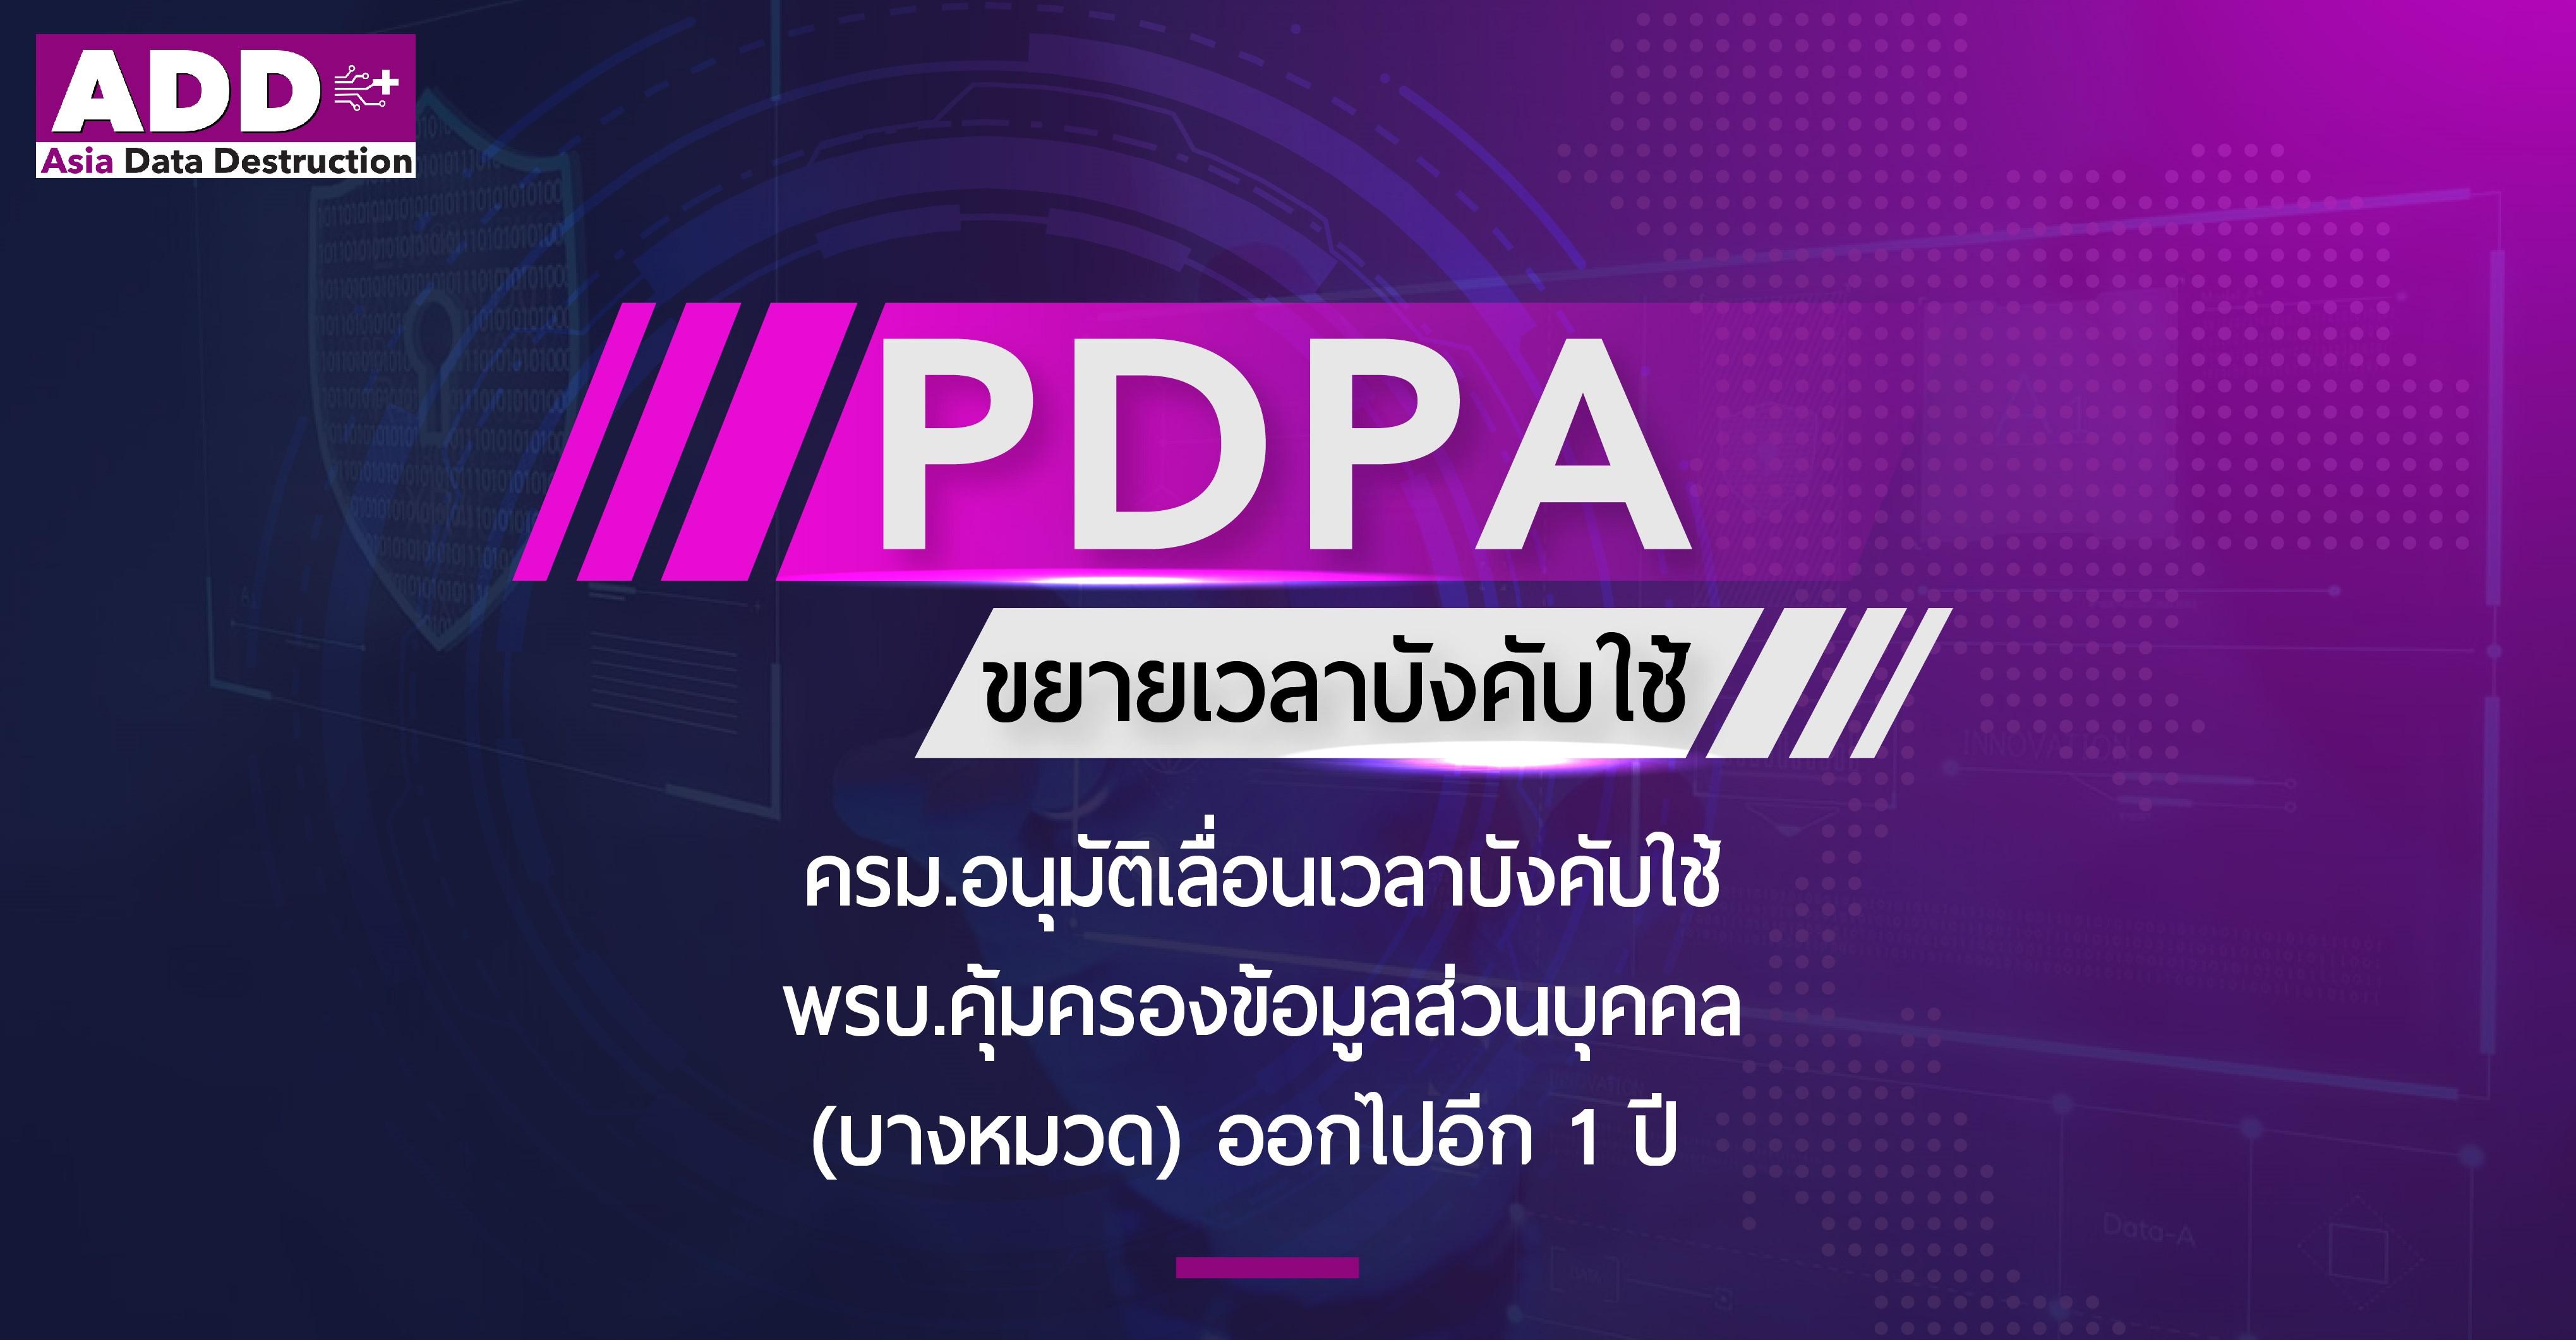 พรบ. คุ้มครองข้อมูลส่วนบุคคล(PDPA) เลื่อนการบังคับใช้ 1 ปี มีผลอะไรบ้าง และต้องปรับตัวอย่างไรให้สอดคล้องกับกฎหมาย 1